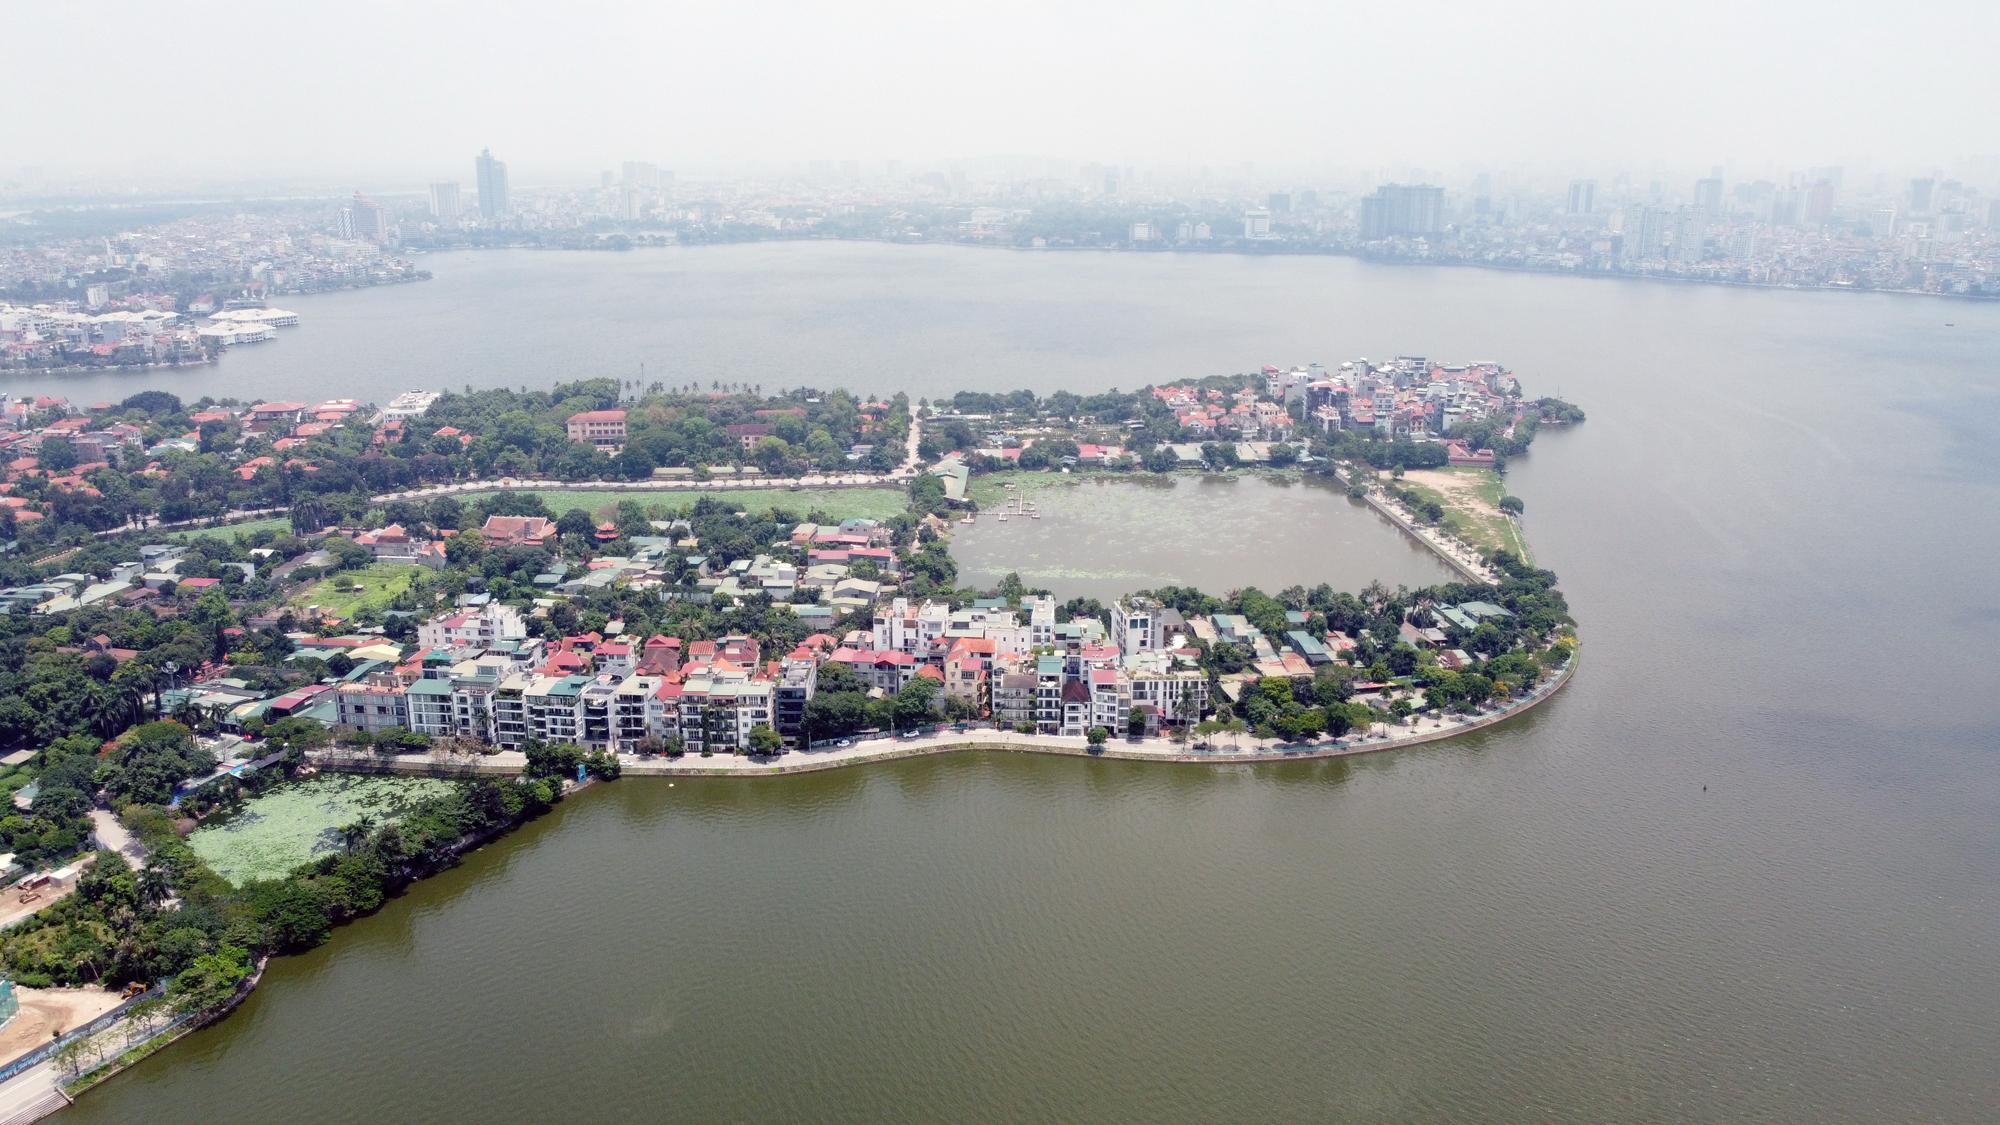 Hà Nội nói gì về 4 dự án 'treo' lâu năm tại quận Tây Hồ? - Ảnh 1.